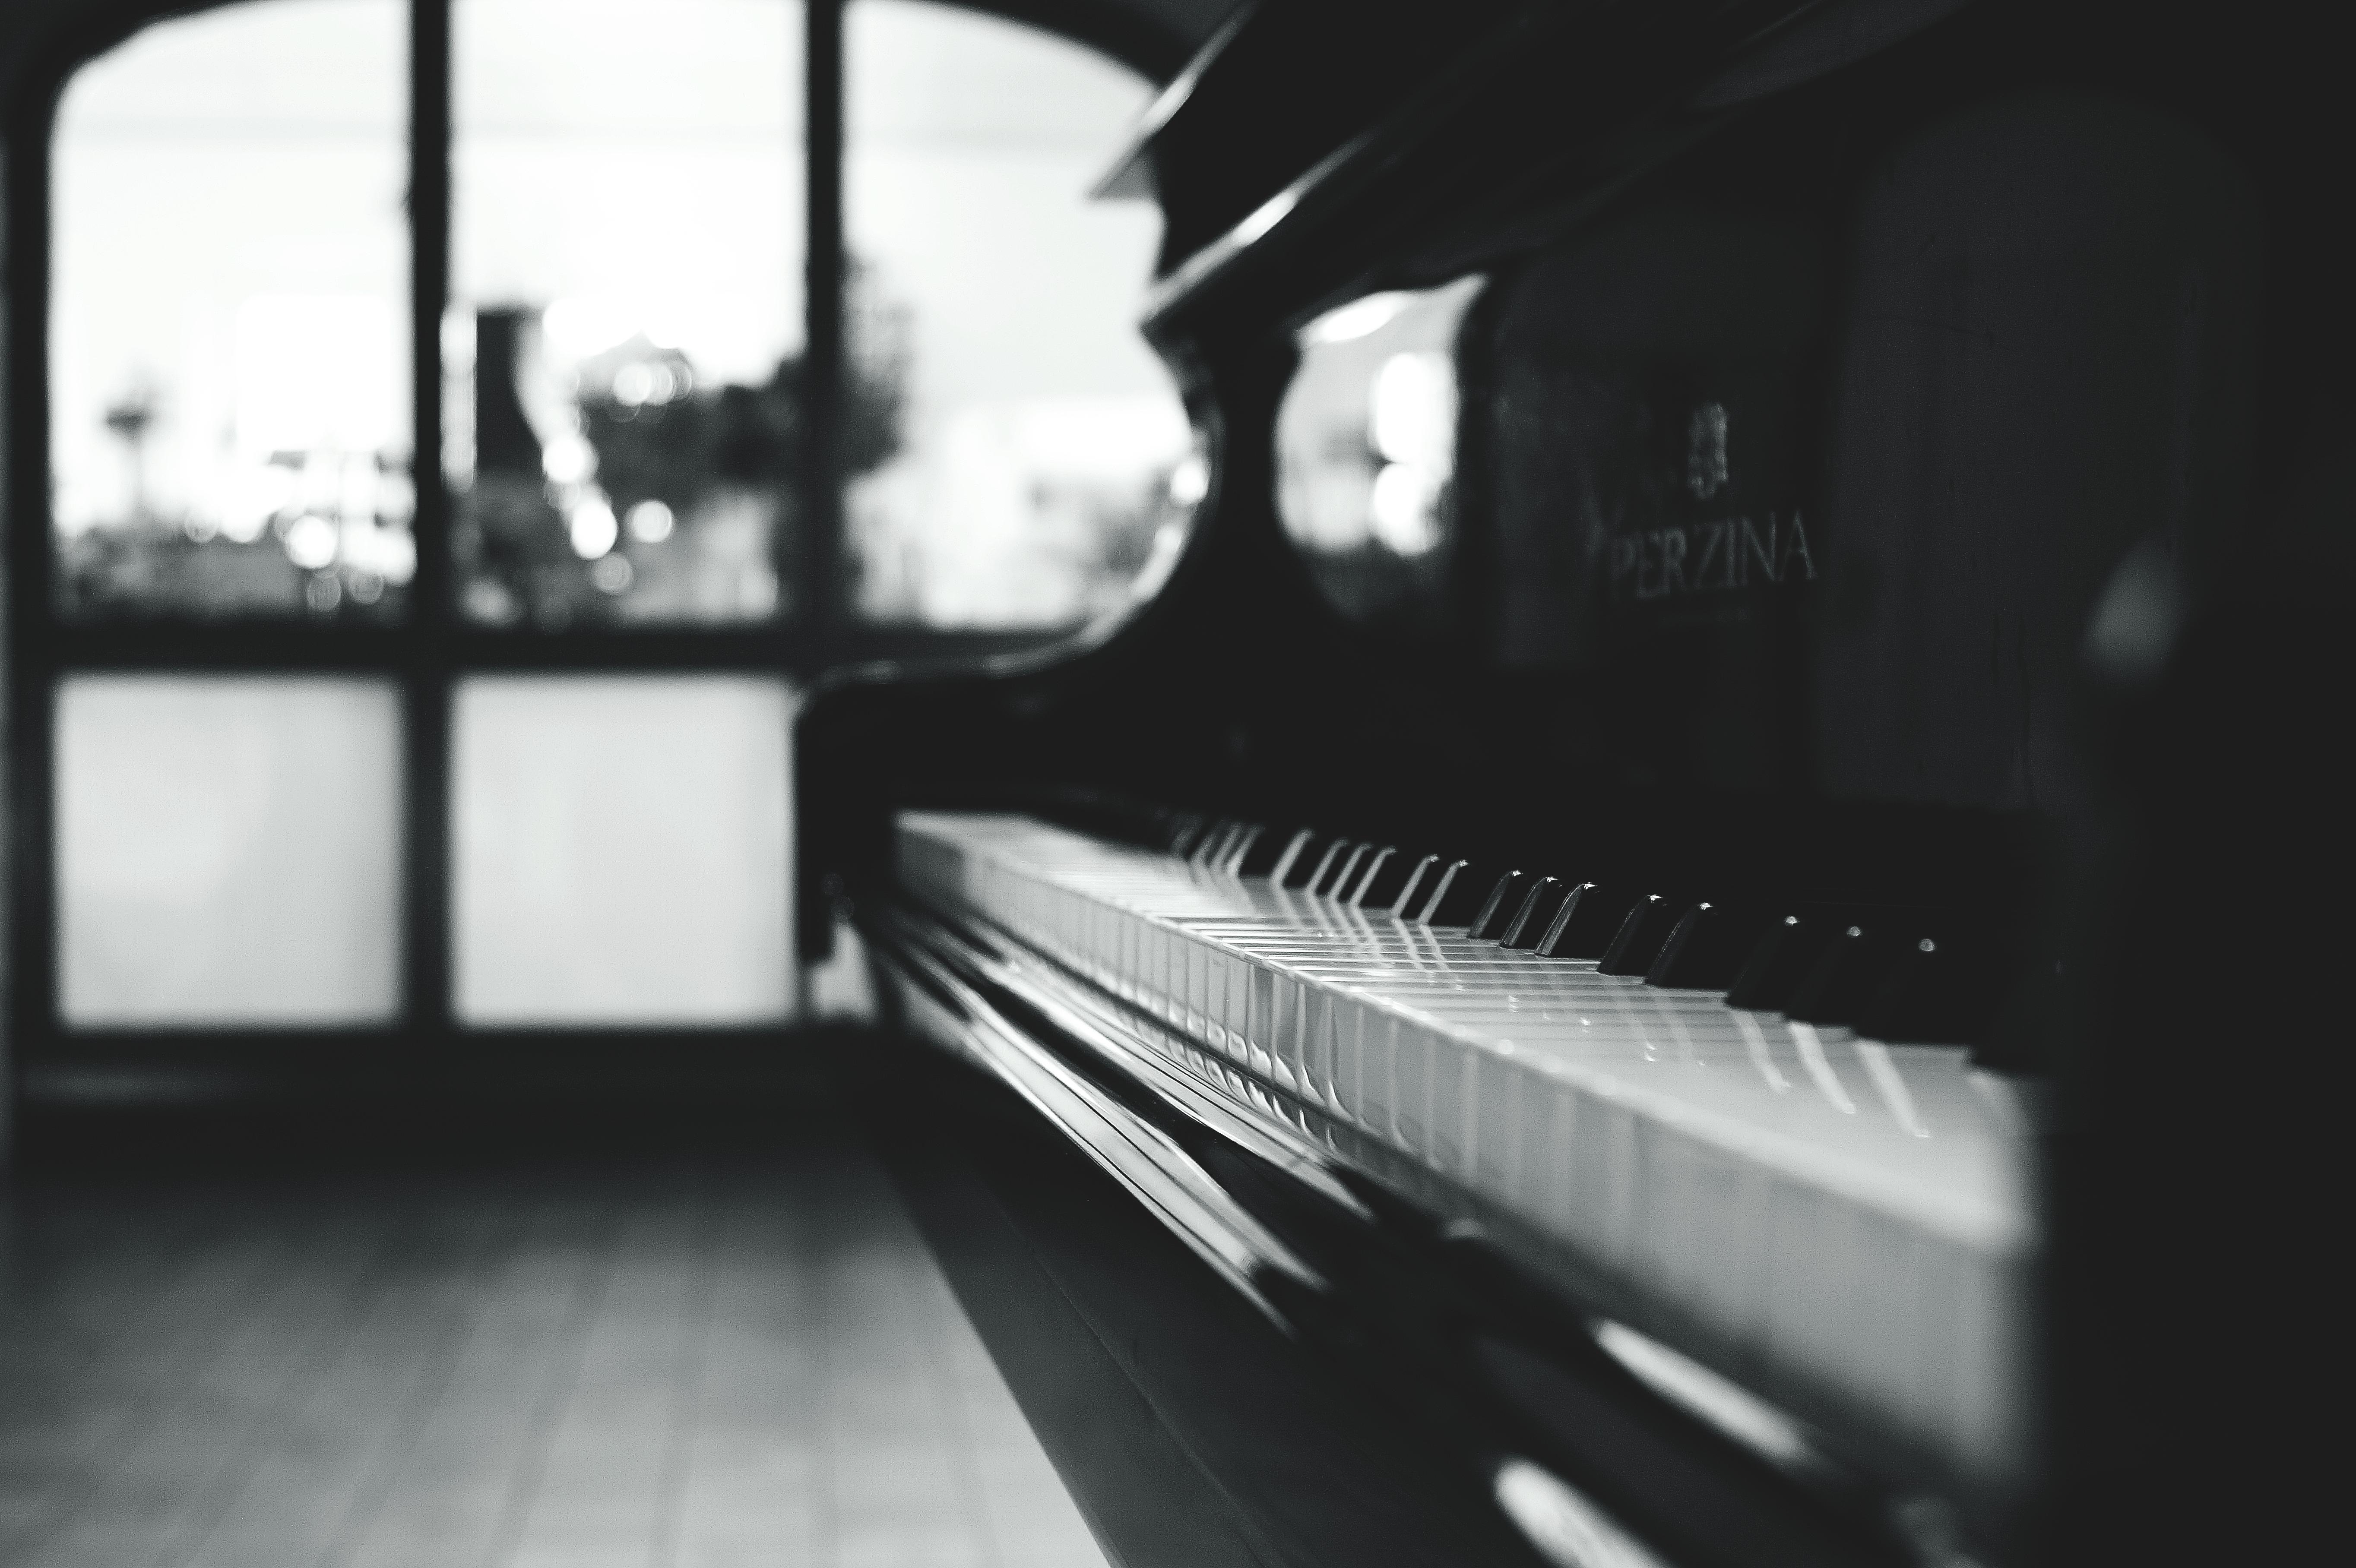 Immagini belle bianco e nero tastiera tecnologia for Strumento online gratuito piano piano